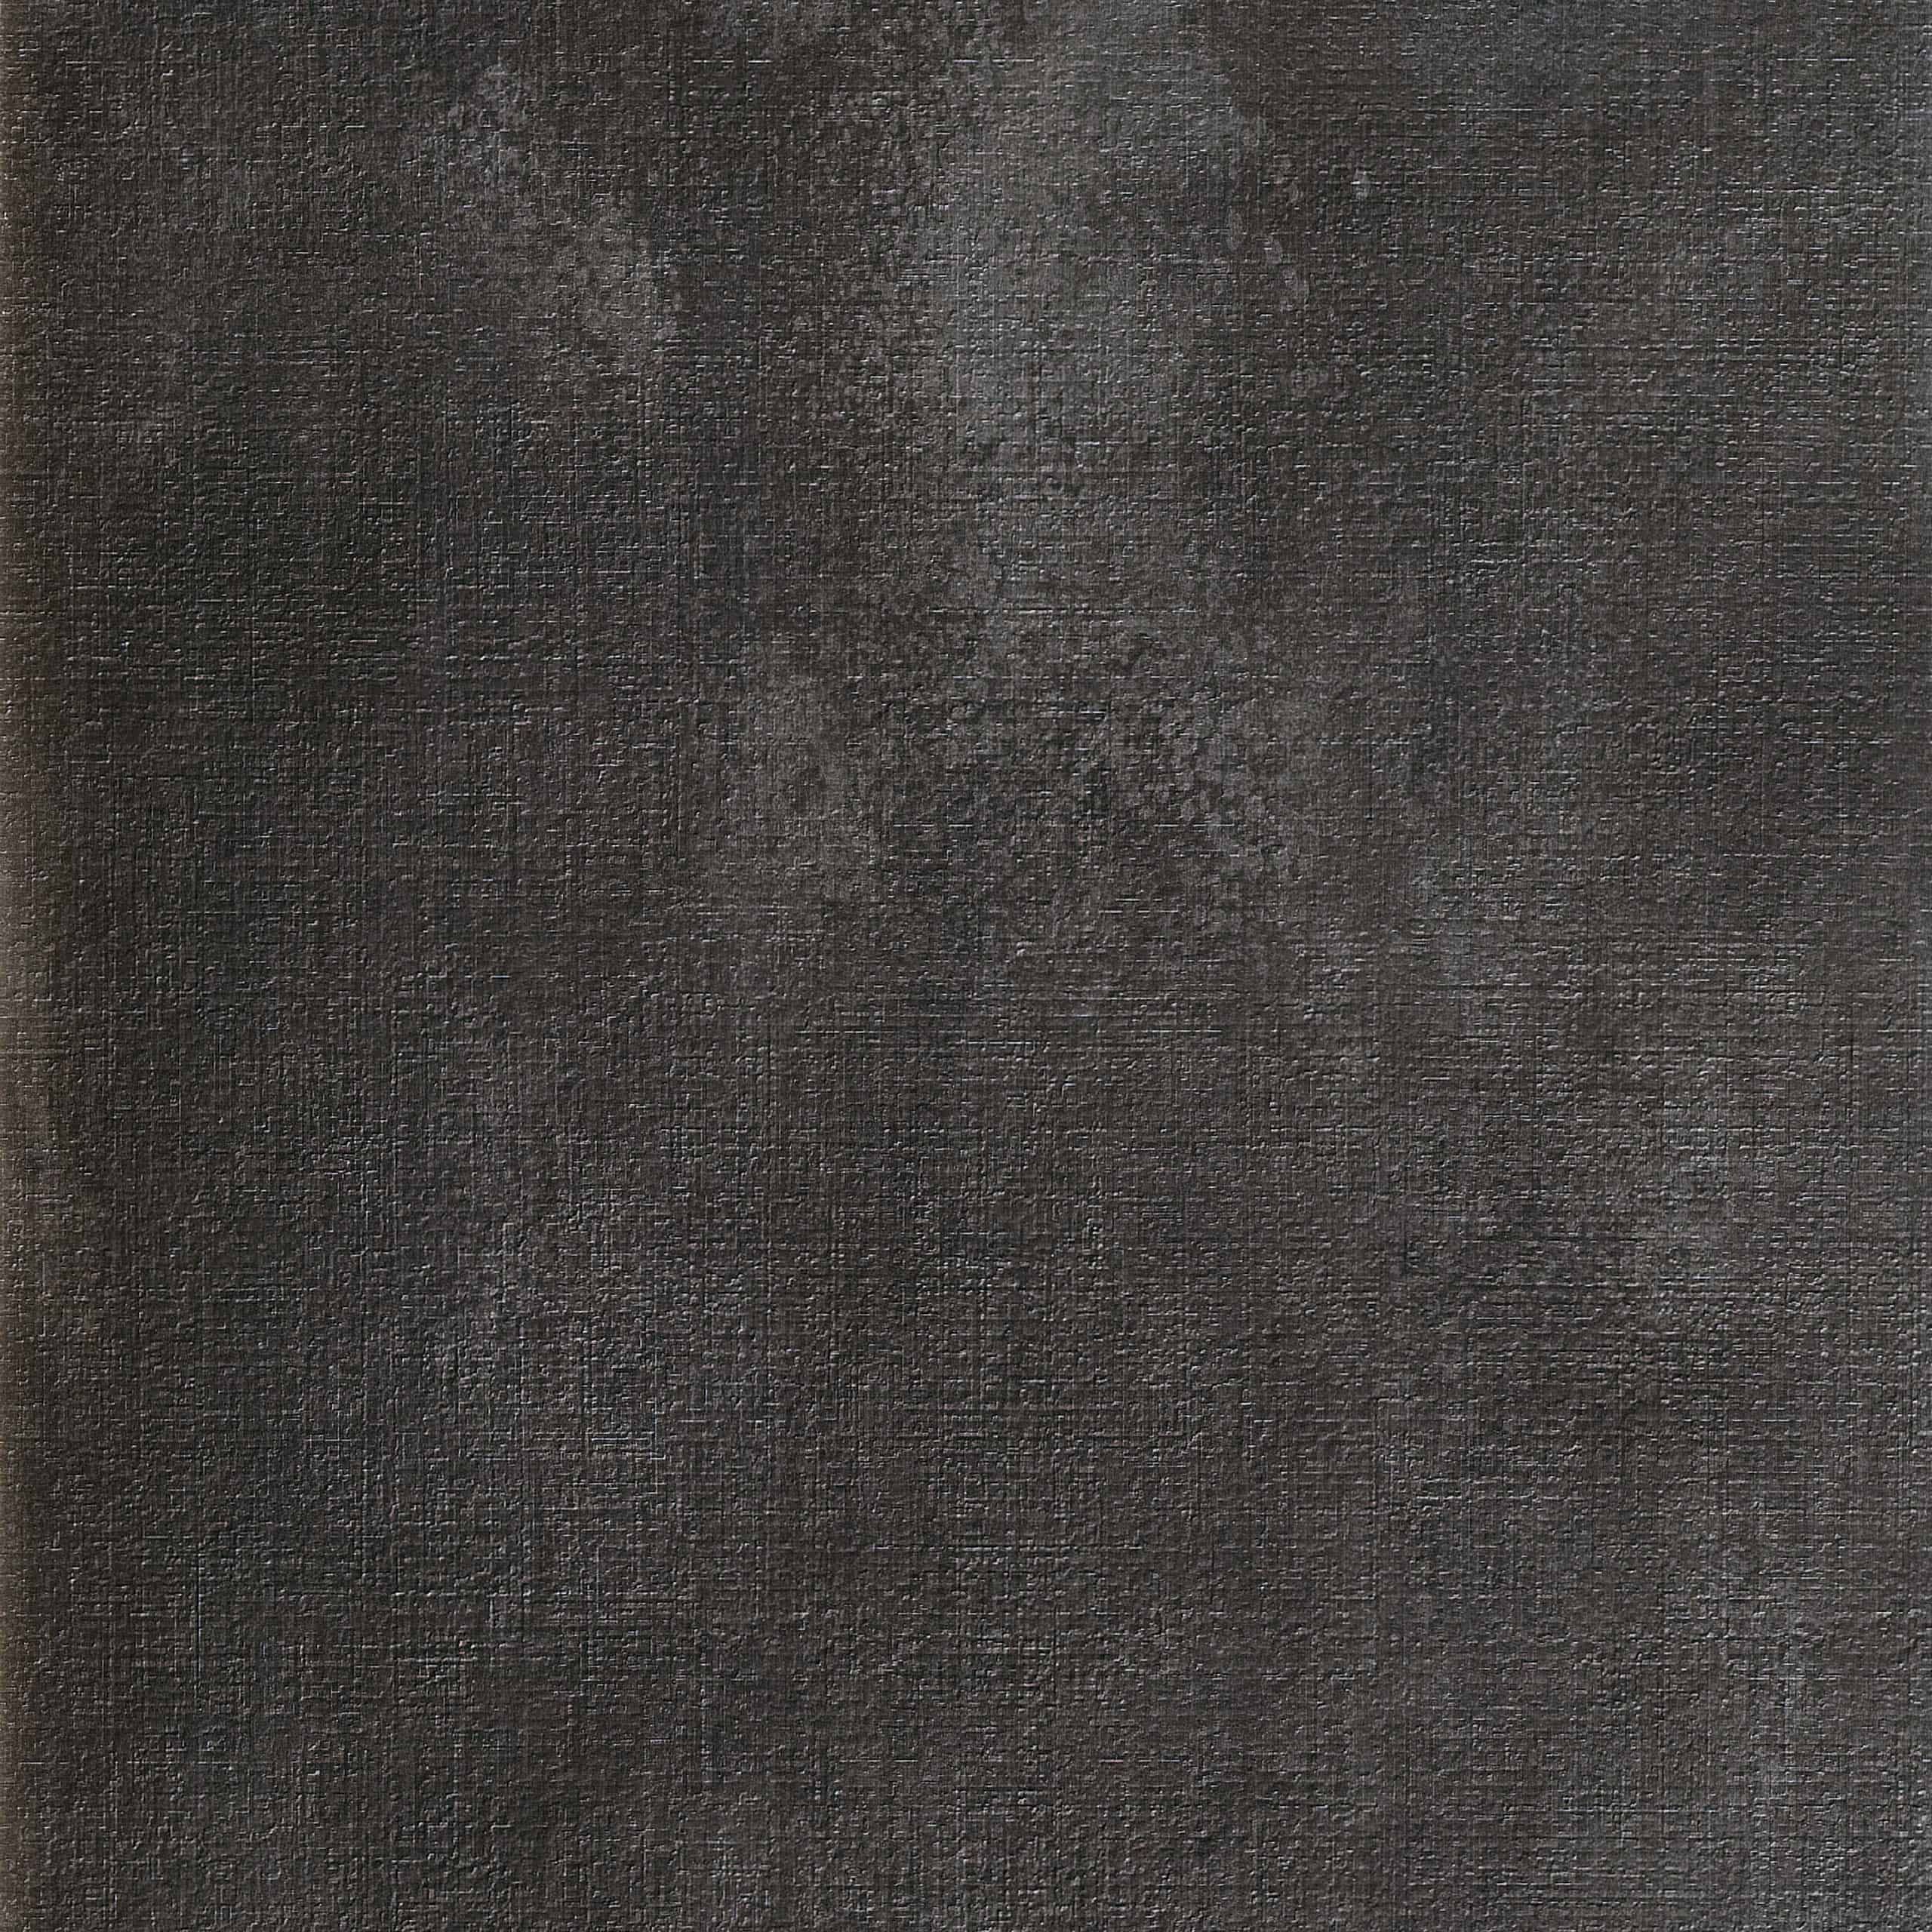 Kanka Black Laminam